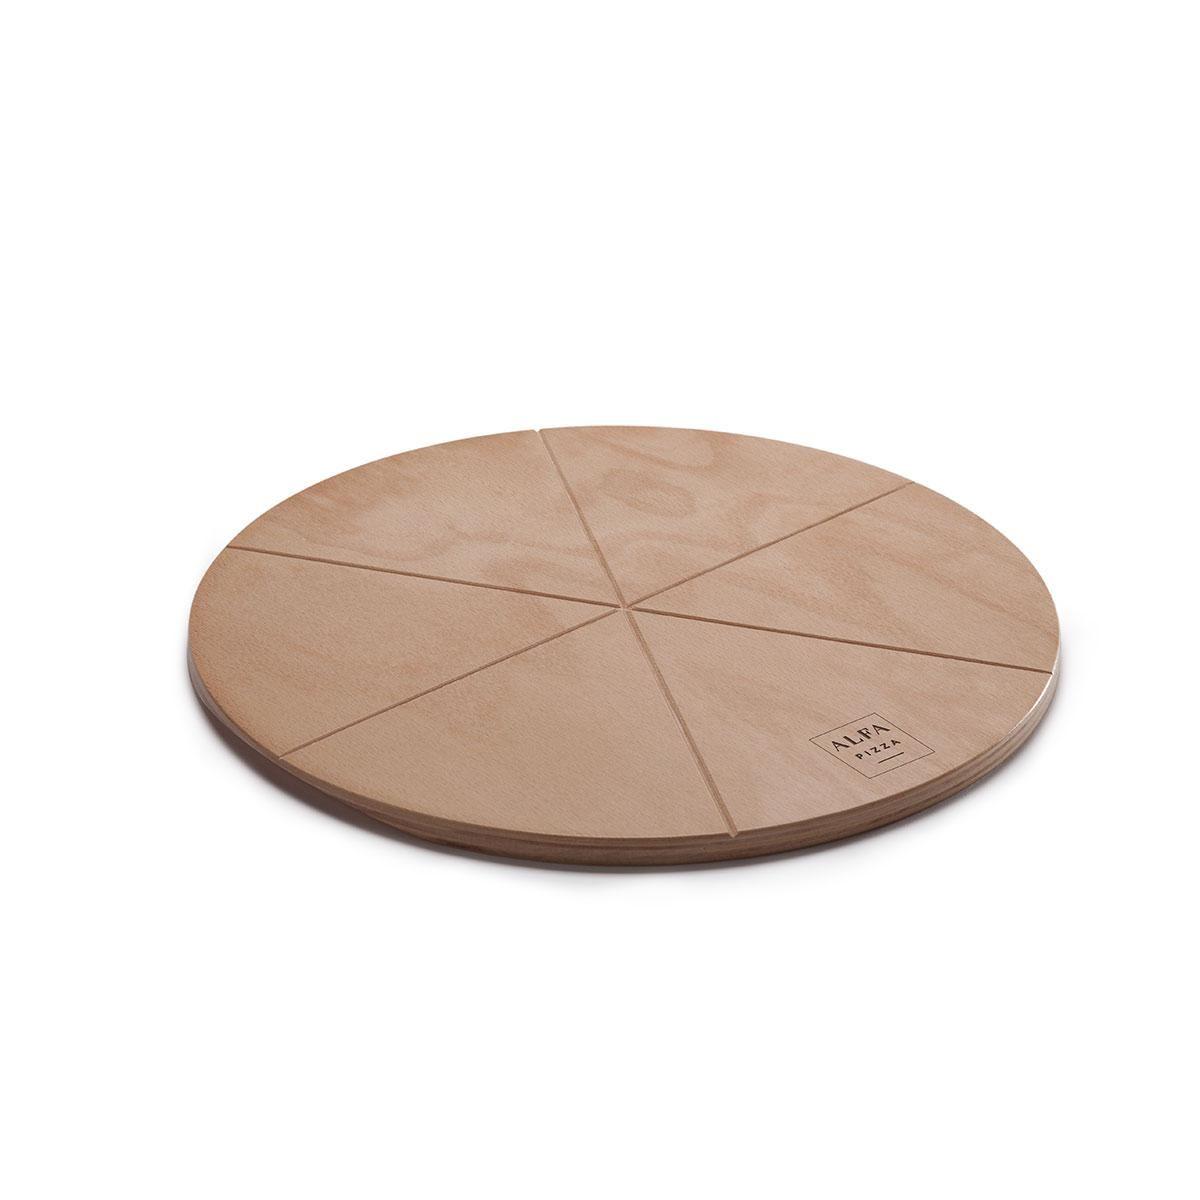 Alfa Spruce Chopping Board With Guides Taglf35 Pizza Oven Accessories Stone Pizza Oven Pizza